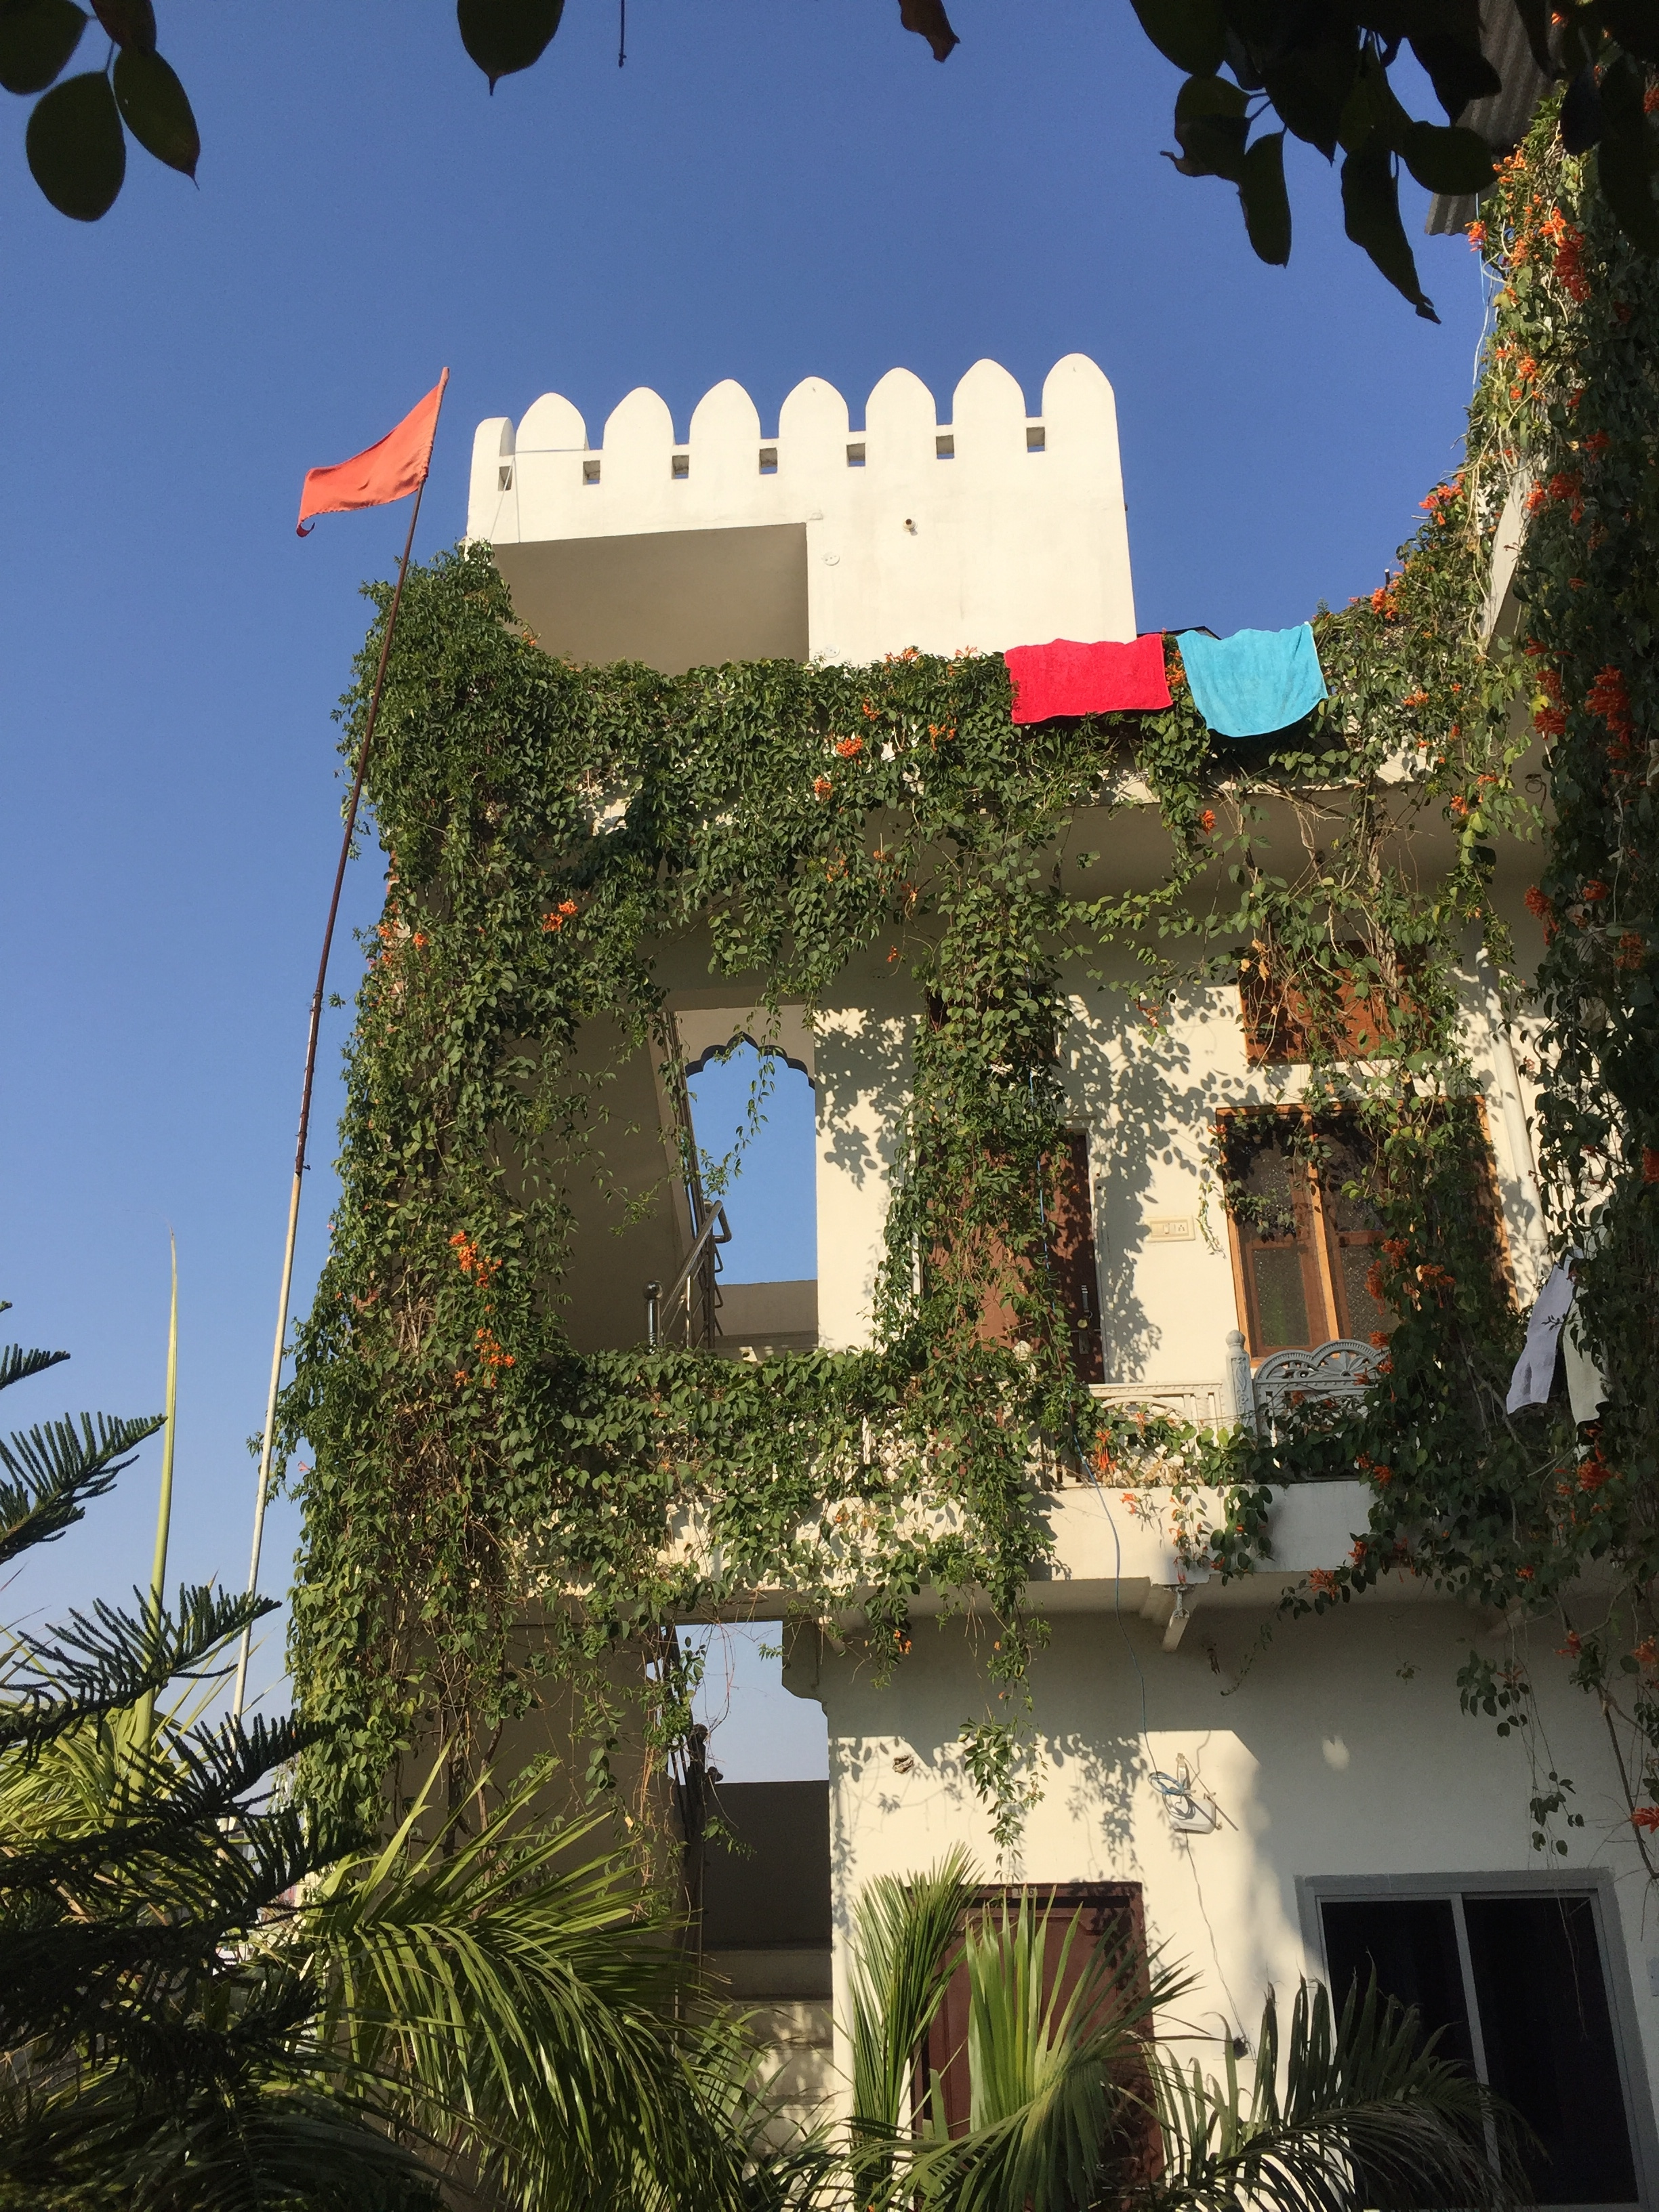 Hotelfassade vor blauem Himmel in Pushkar